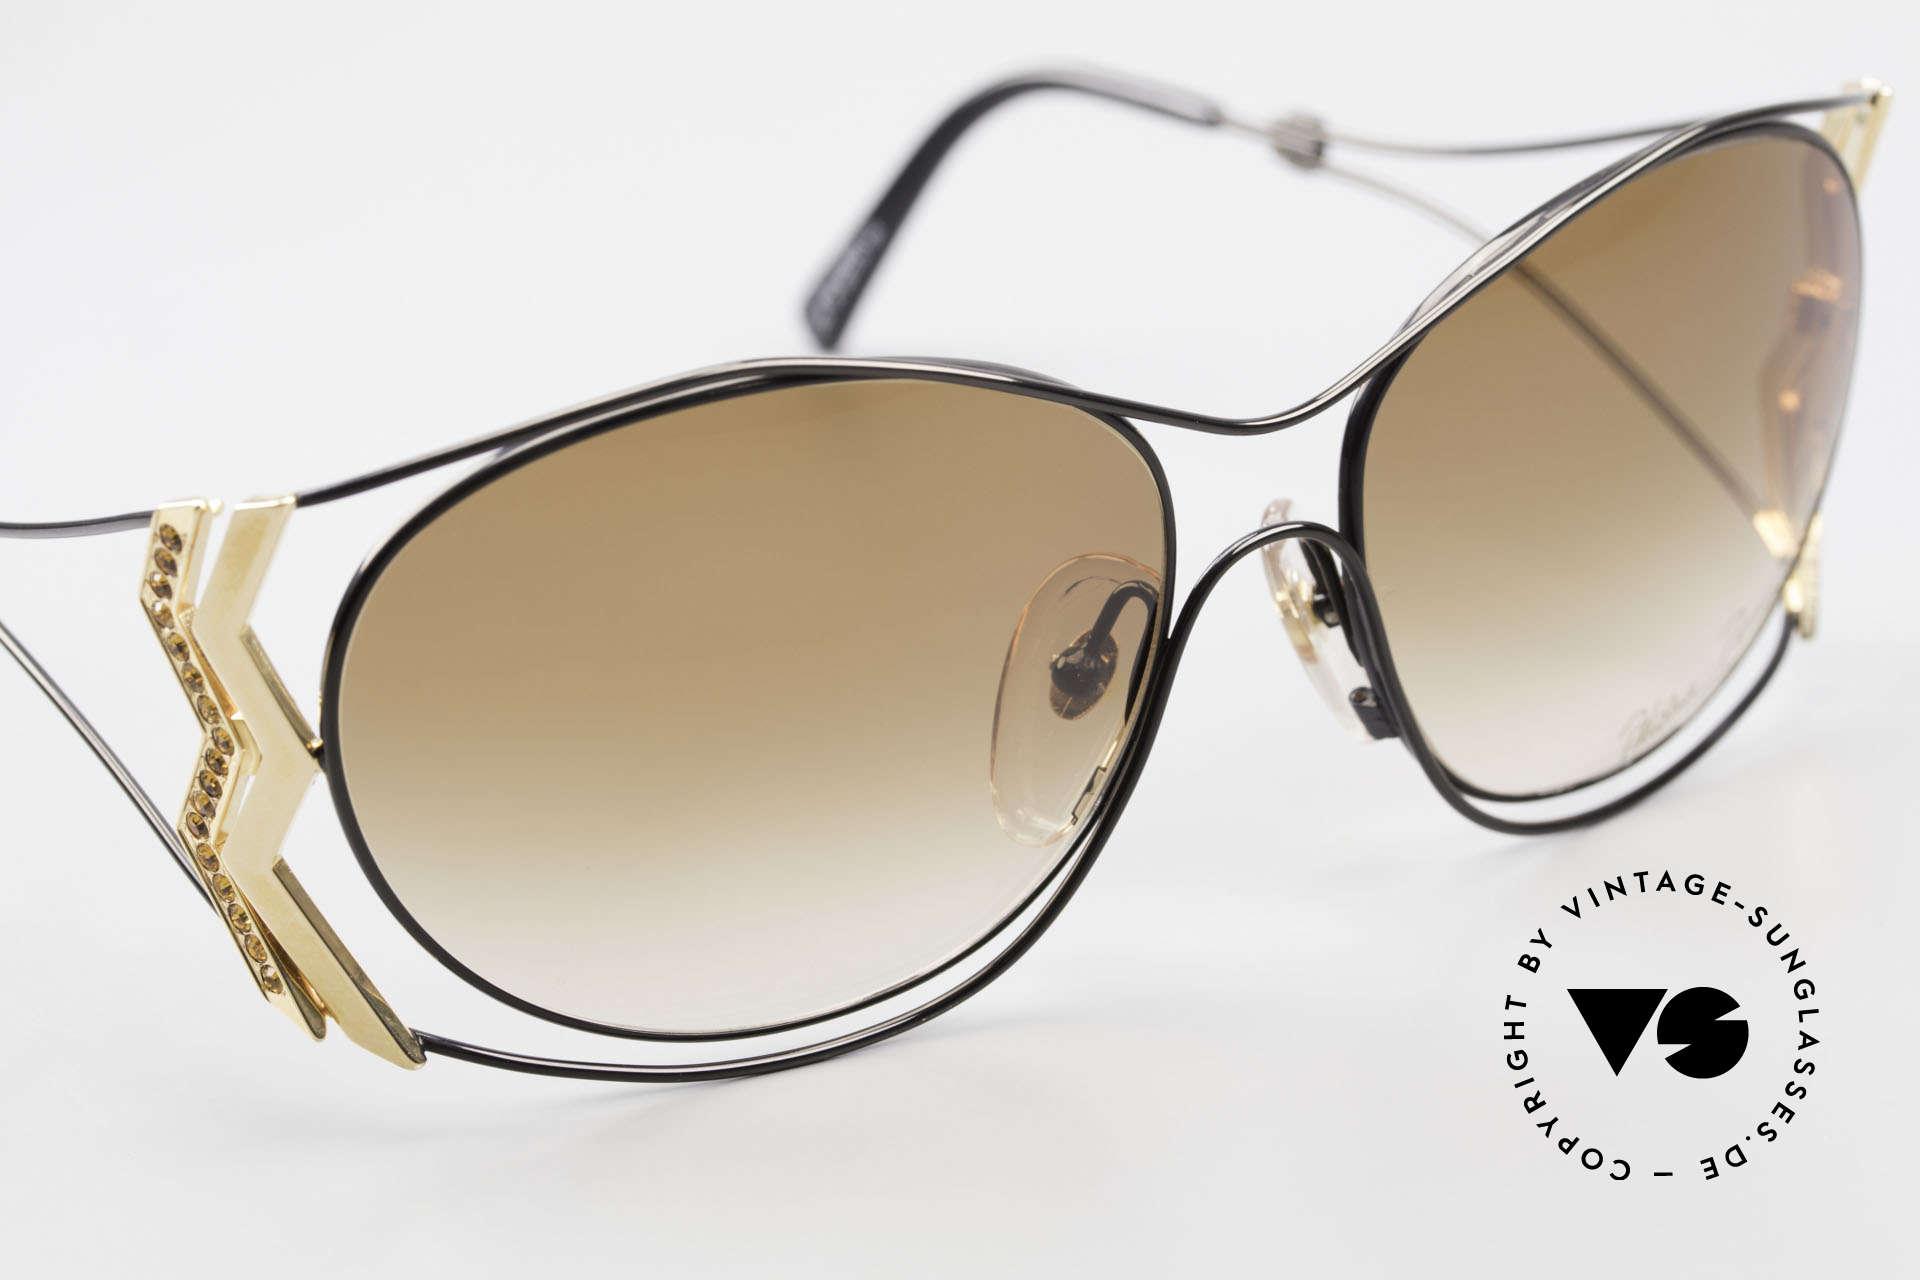 Paloma Picasso 3707 Strass Damensonnenbrille 90er, KEINE retro Sonnenbrille; ein vintage 90er Original, Passend für Damen